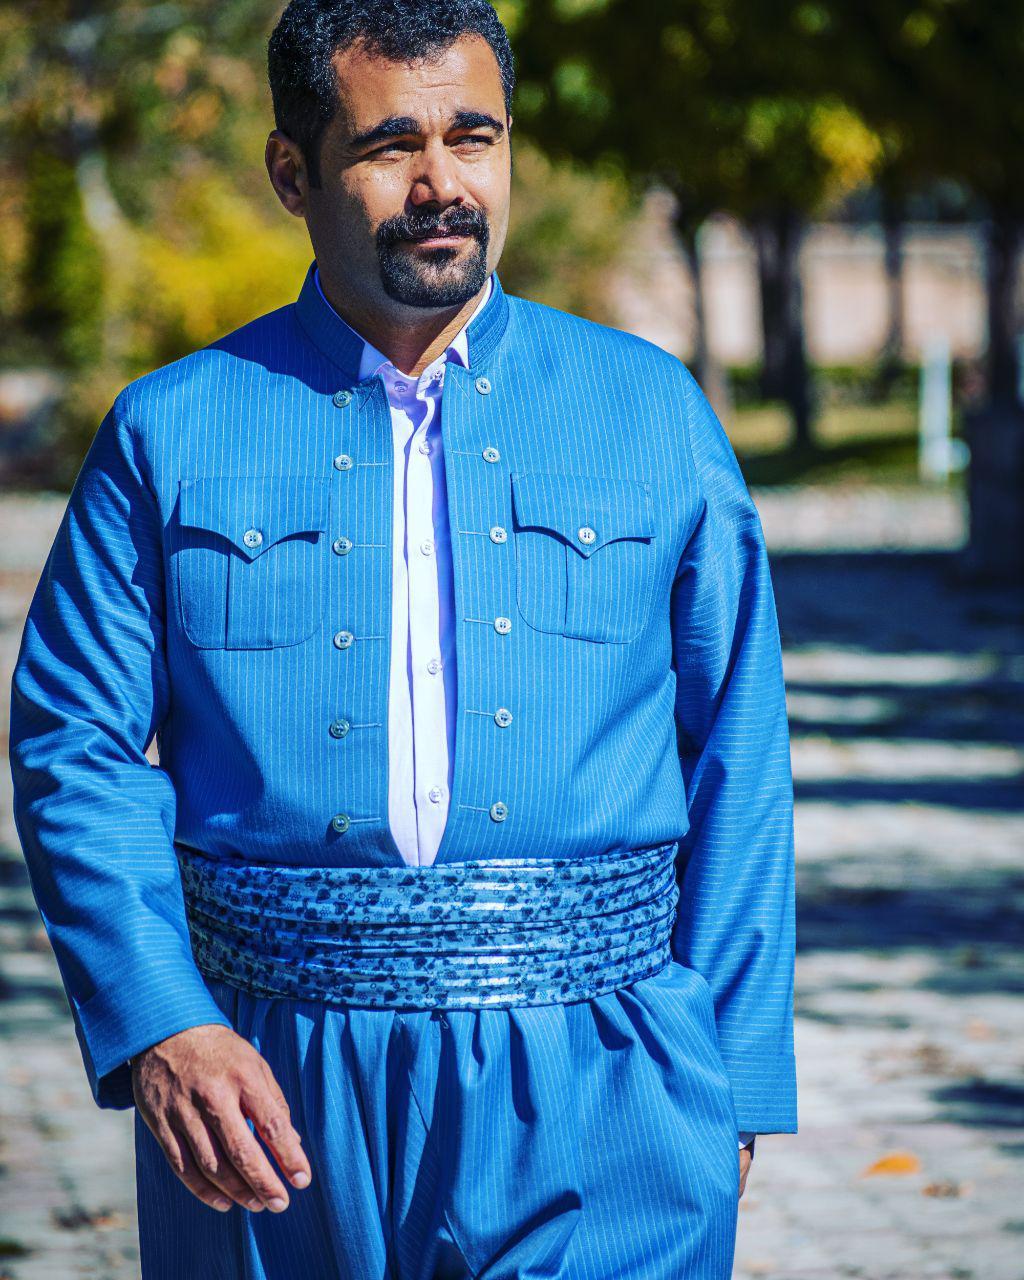 نگاهی جامعهشناختیراهگشا و سیاستگذارانه به رسانههای محلی مناطق مرزنشین